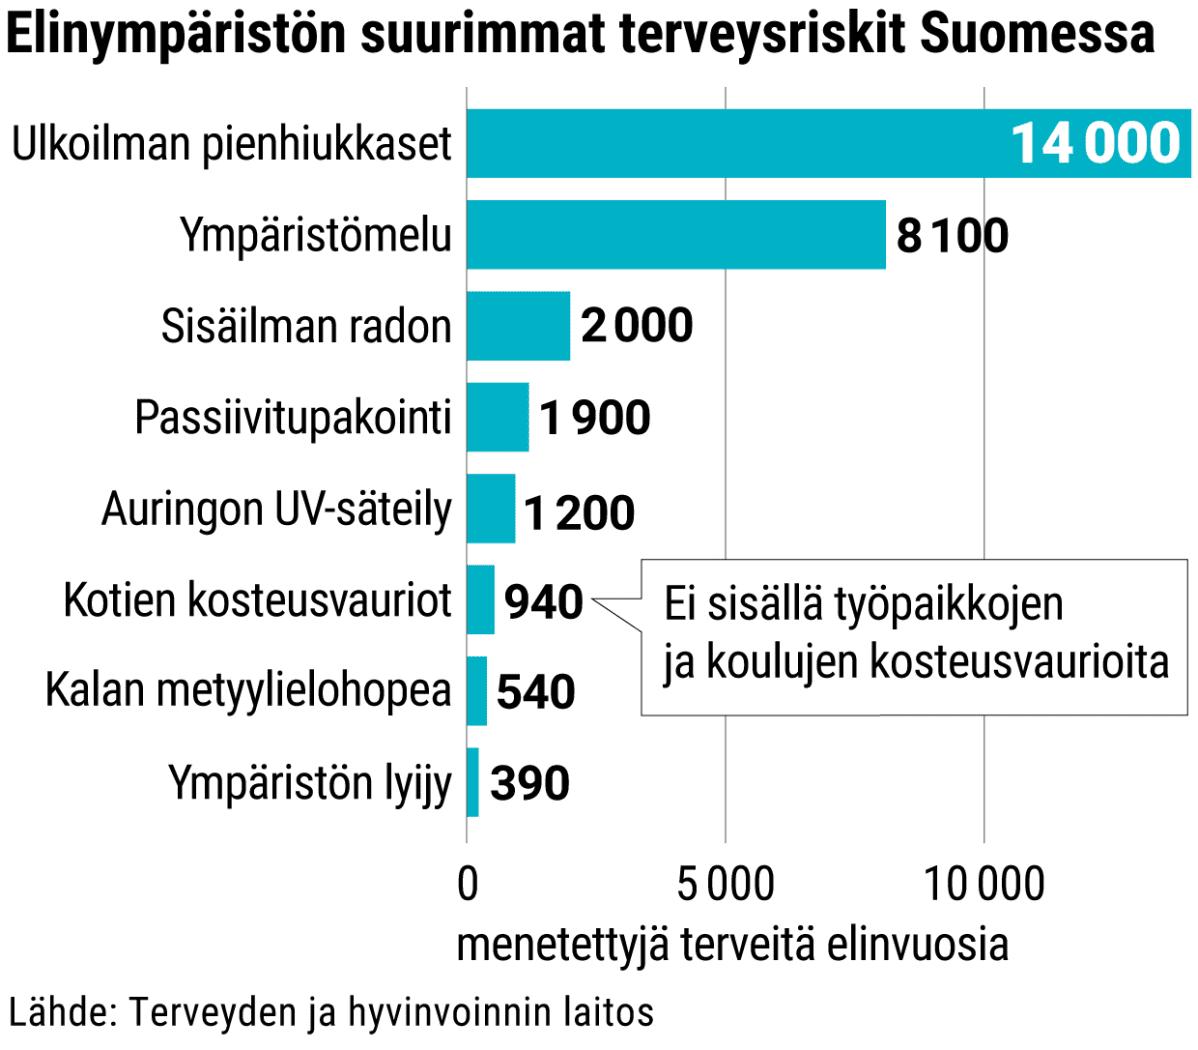 Elinympäristön suurimmat terveysriskit Suomessa